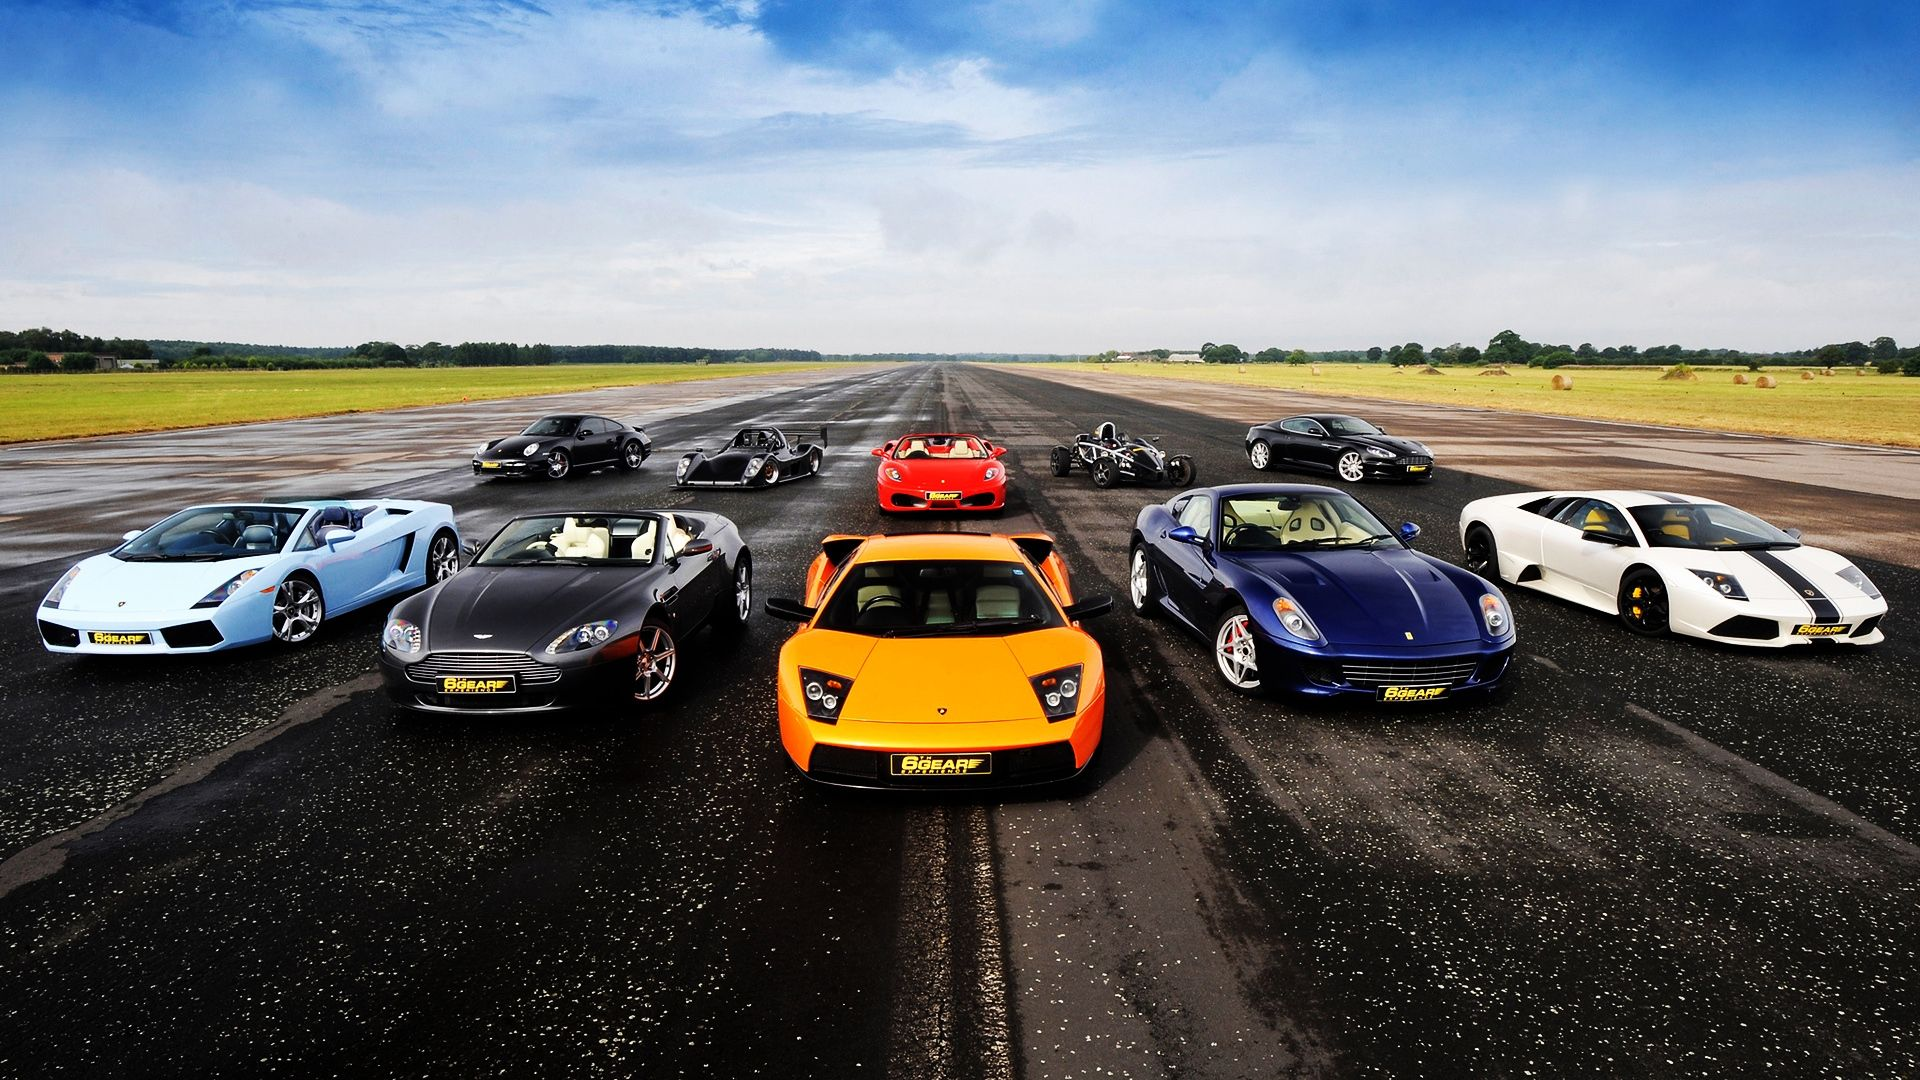 New Sports Cars Supercars HD Wallpaper of Car   hdwallpaper2013com 1920x1080